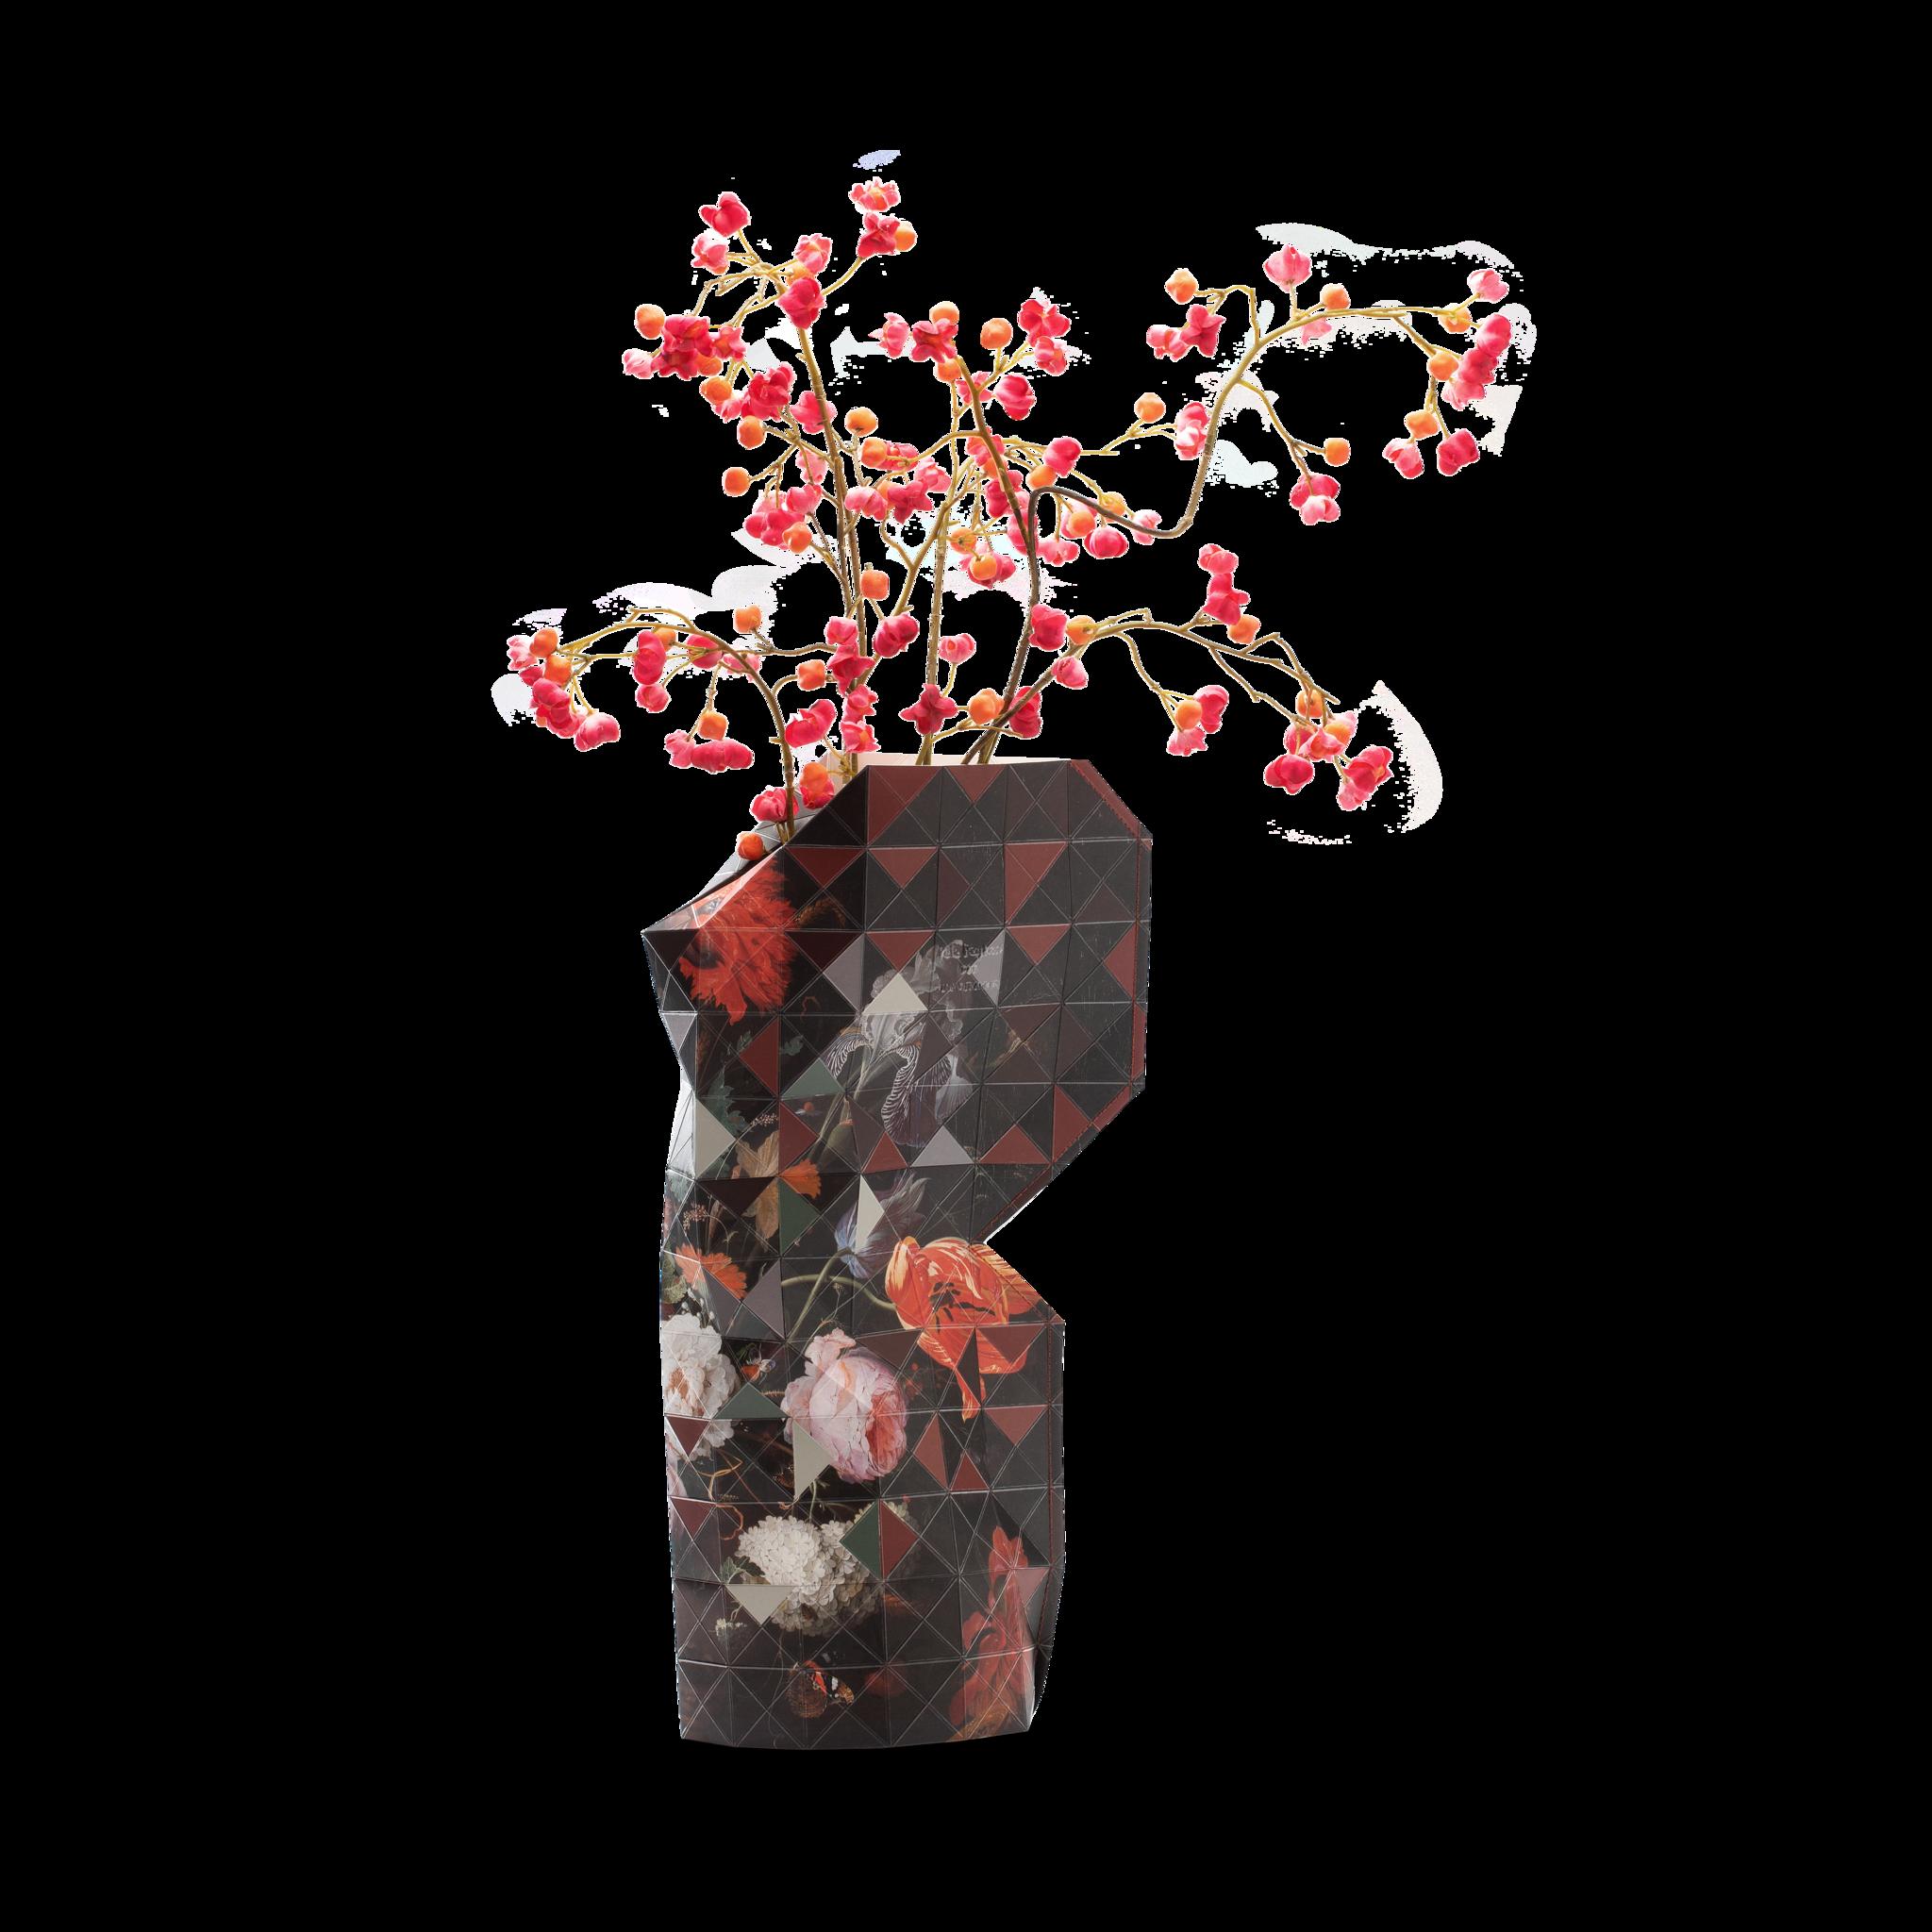 Papieren vaas Still Life with Flowers-1